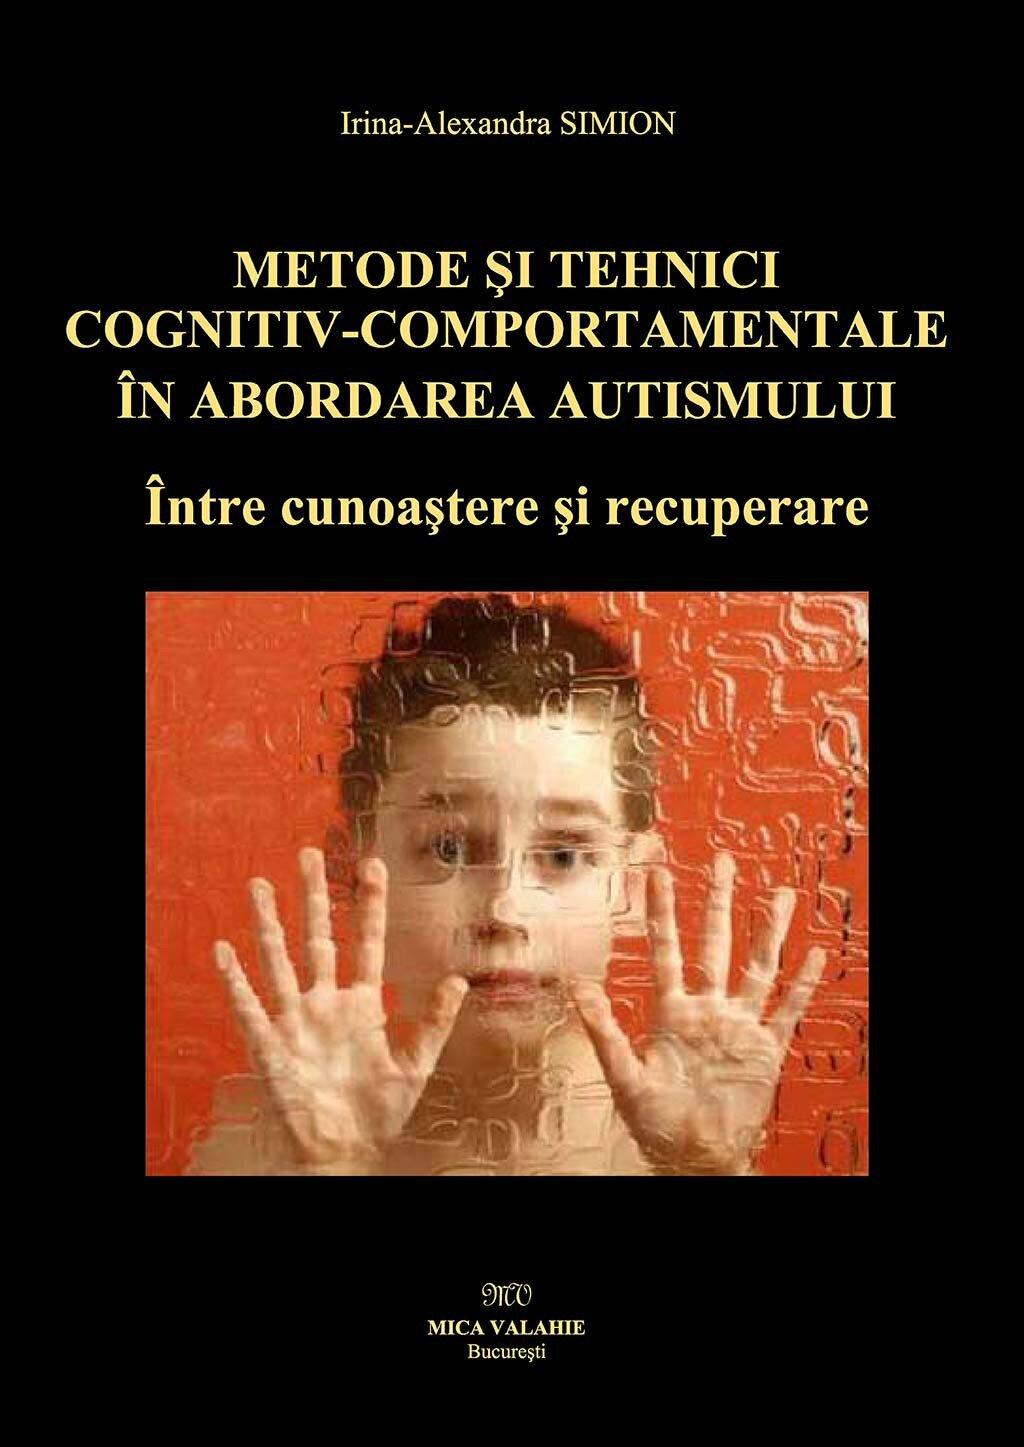 Metode si tehnici cognitiv-comportamentale in abordarea autismului. Intre cunoastere si recuperare (eBook)